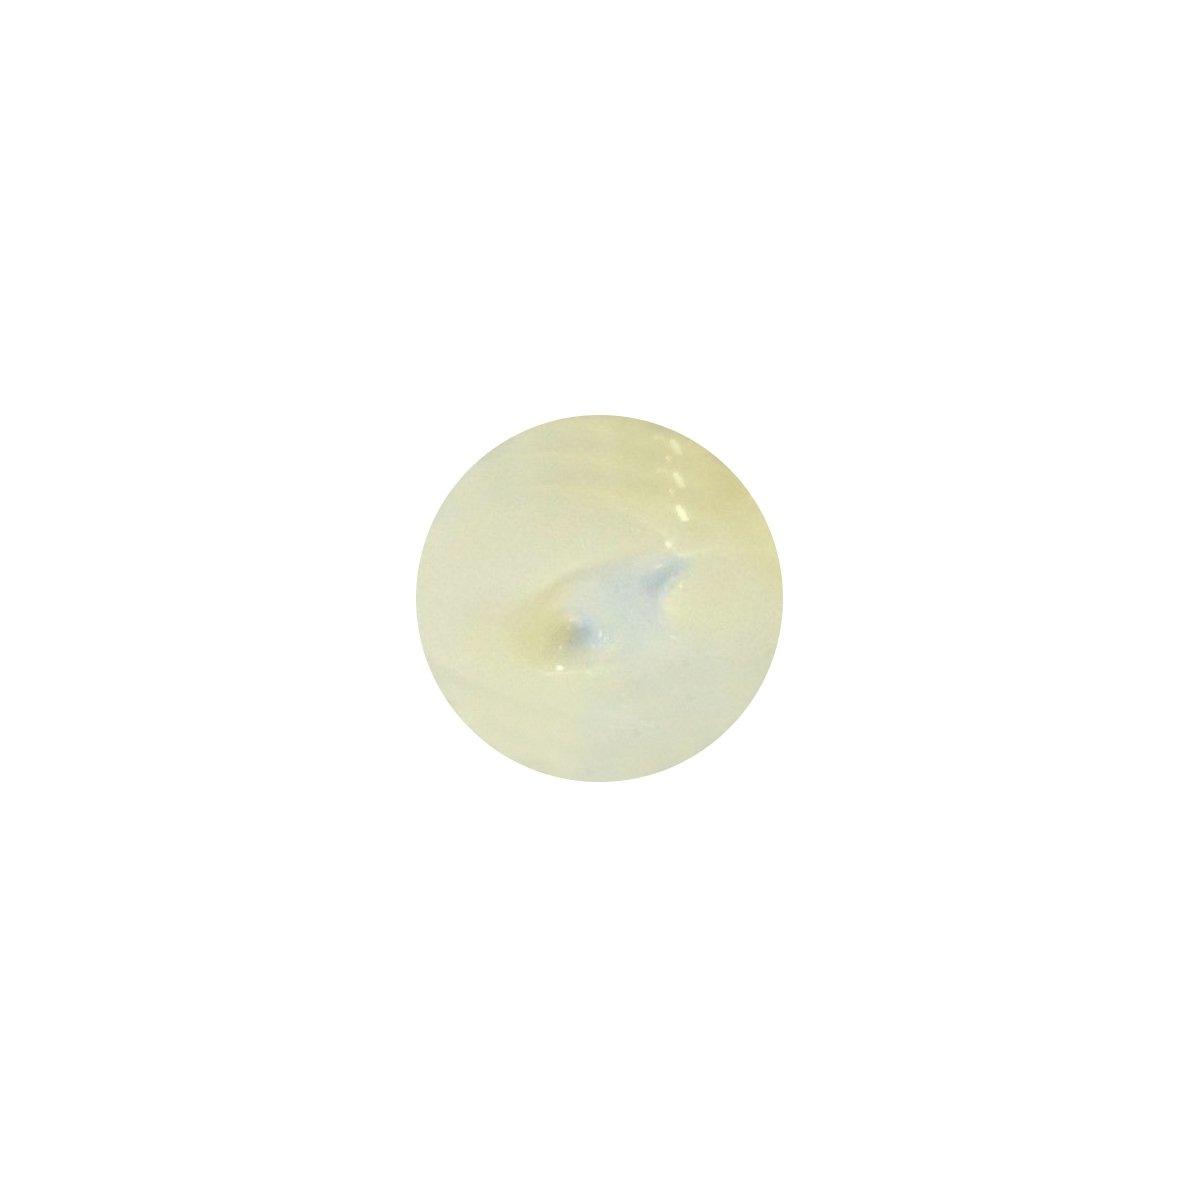 Tinta Genesis Titanium White - 4 gramas ou 8 gramas